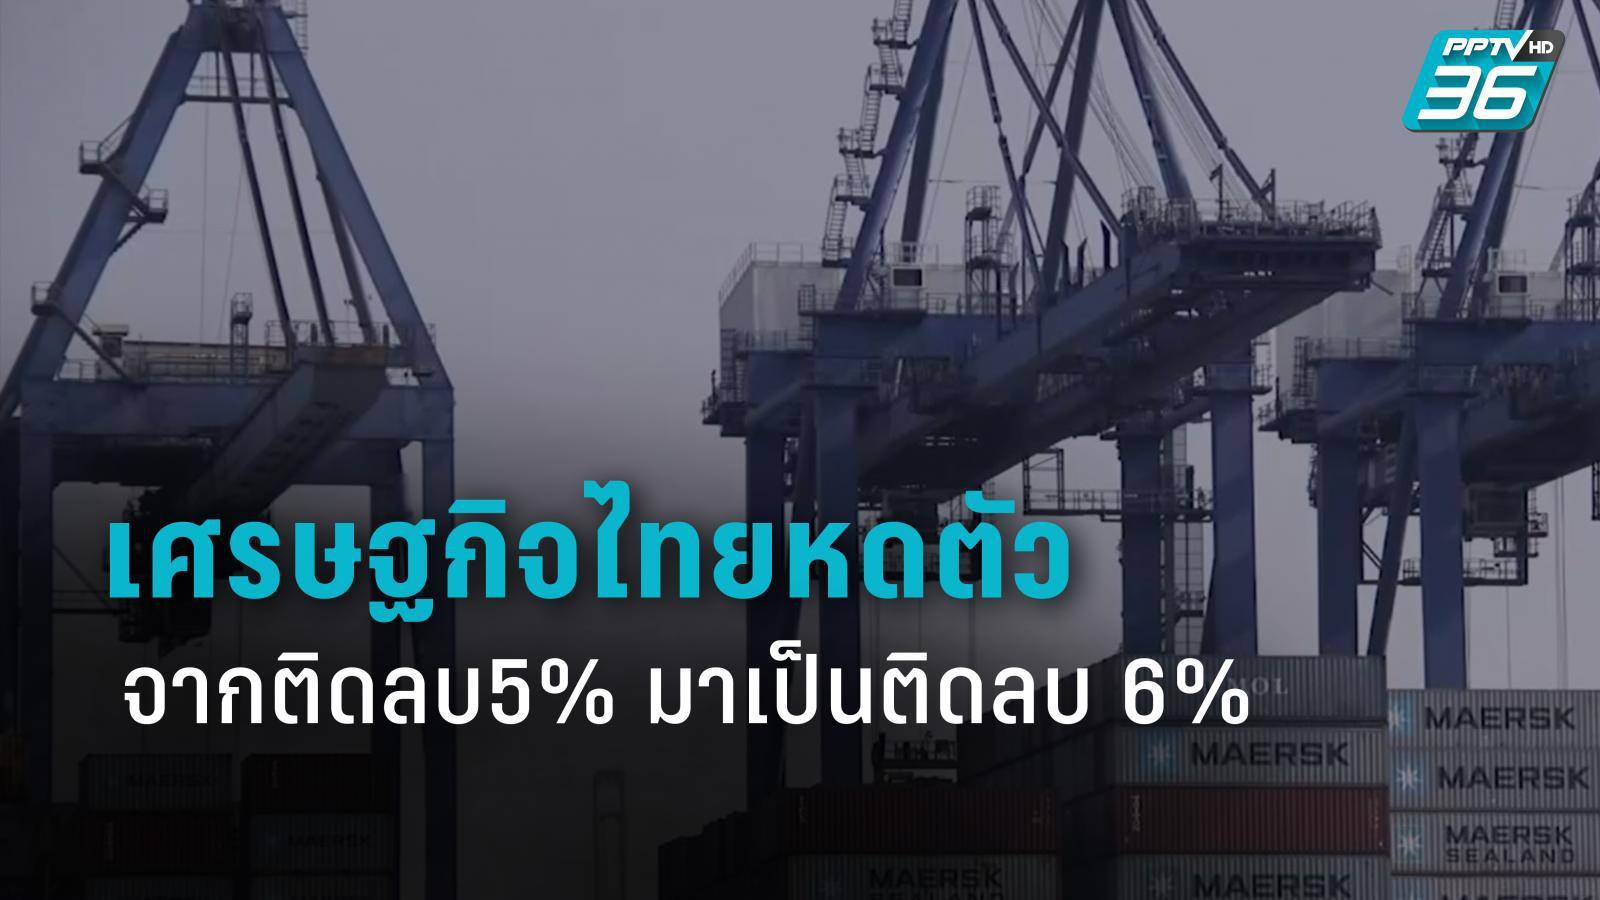 ศูนย์วิจัยกสิกรไทย ปรับประมาณการเศรษฐกิจไทยปี 63 ติดลบ 6%